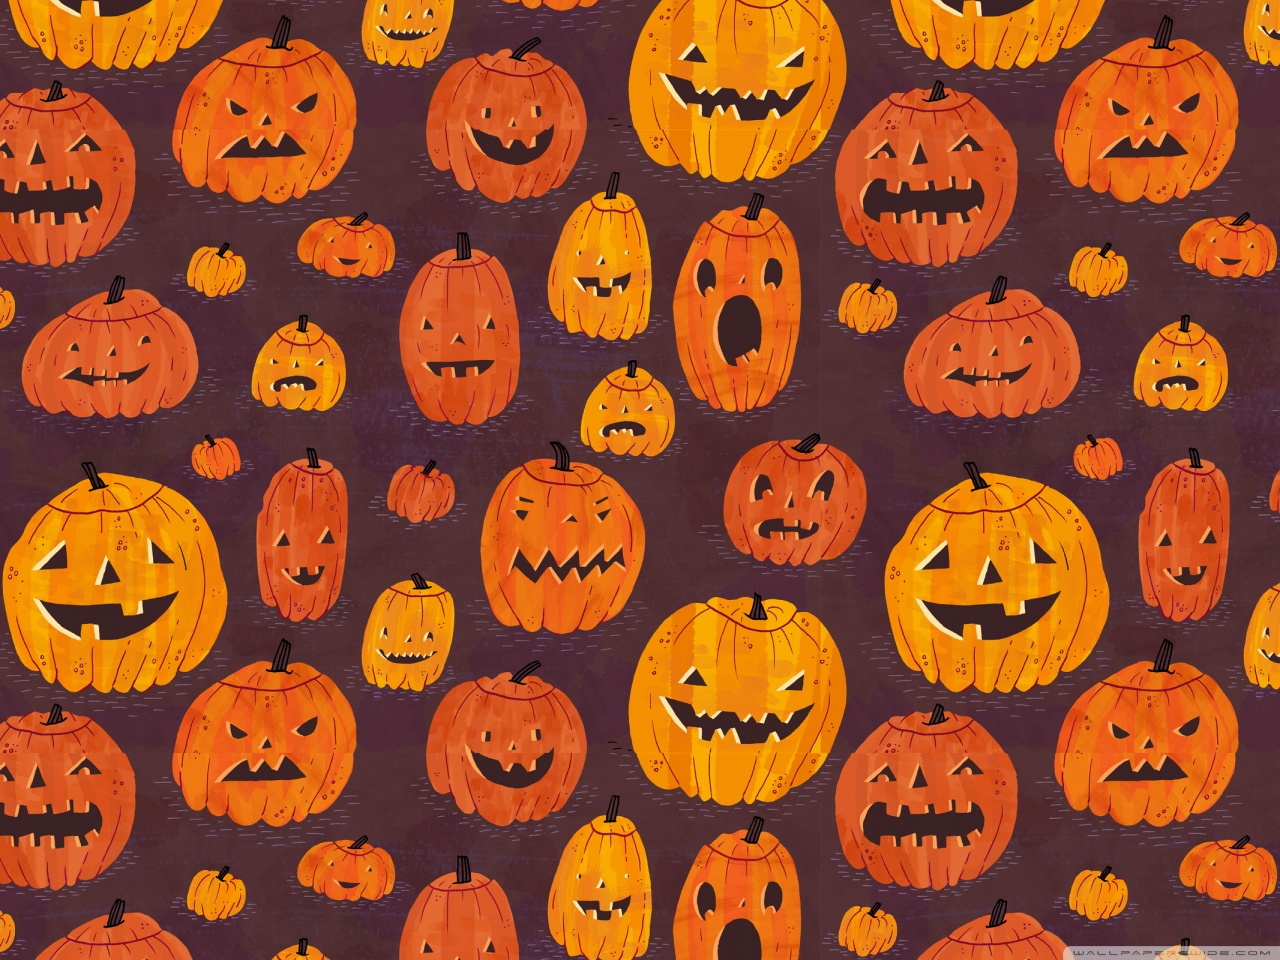 halloween pictures wallpaper pumpkin - photo #18